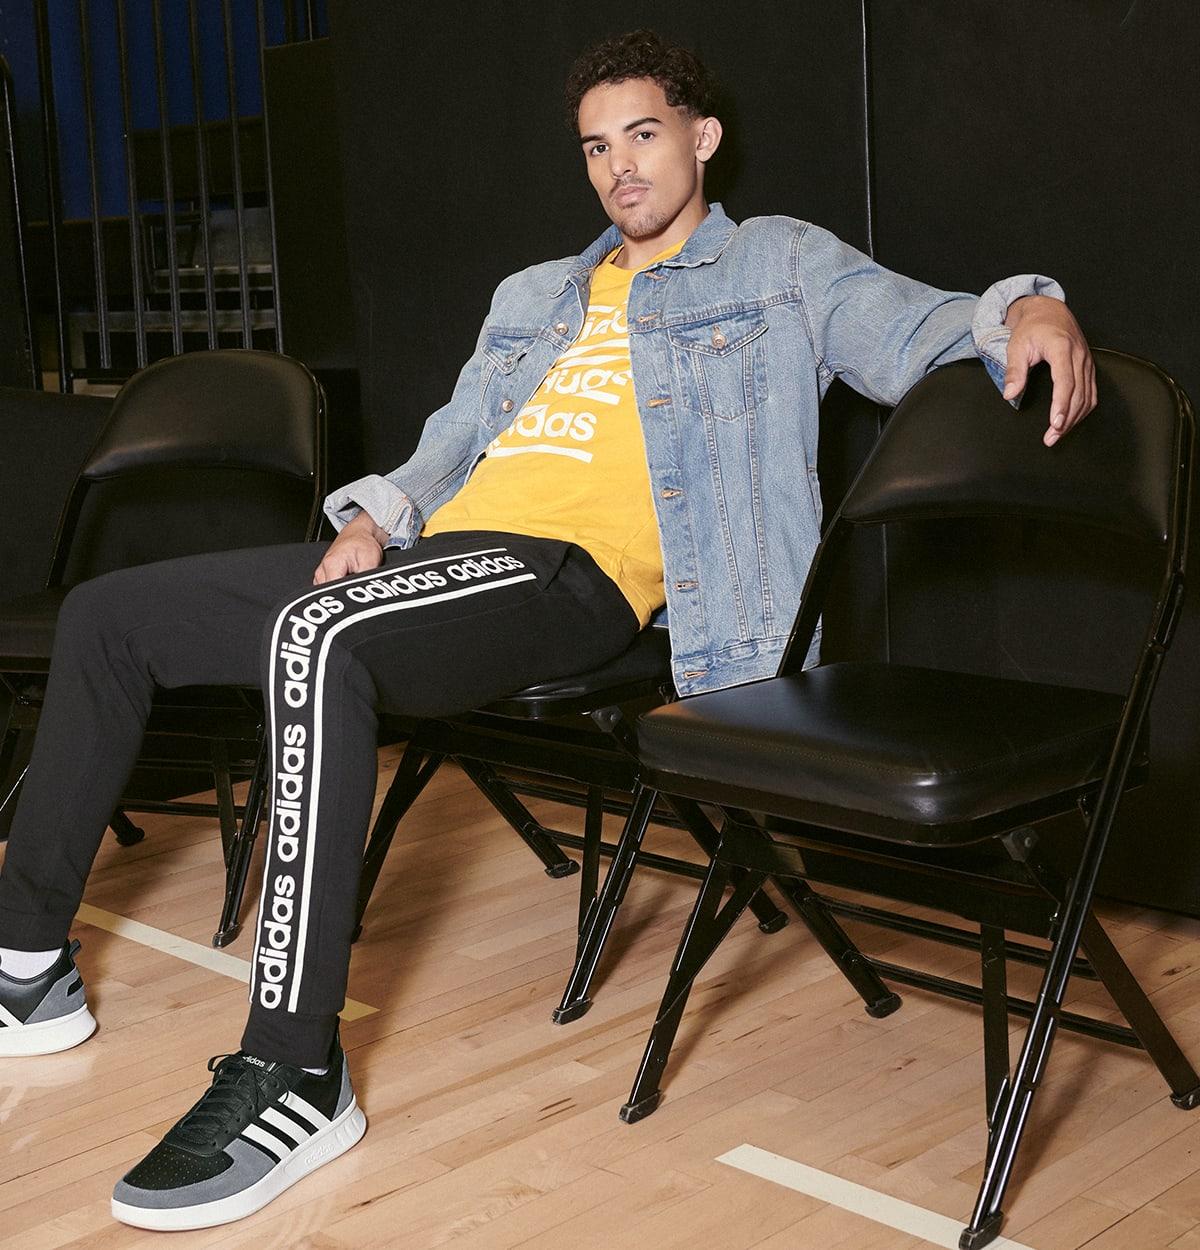 Adidas HommeBoutique Adidas Adidas Adidas HommeBoutique Officielle HommeBoutique HommeBoutique HommeBoutique Officielle Officielle Officielle Adidas 3Rj4Lc5qA